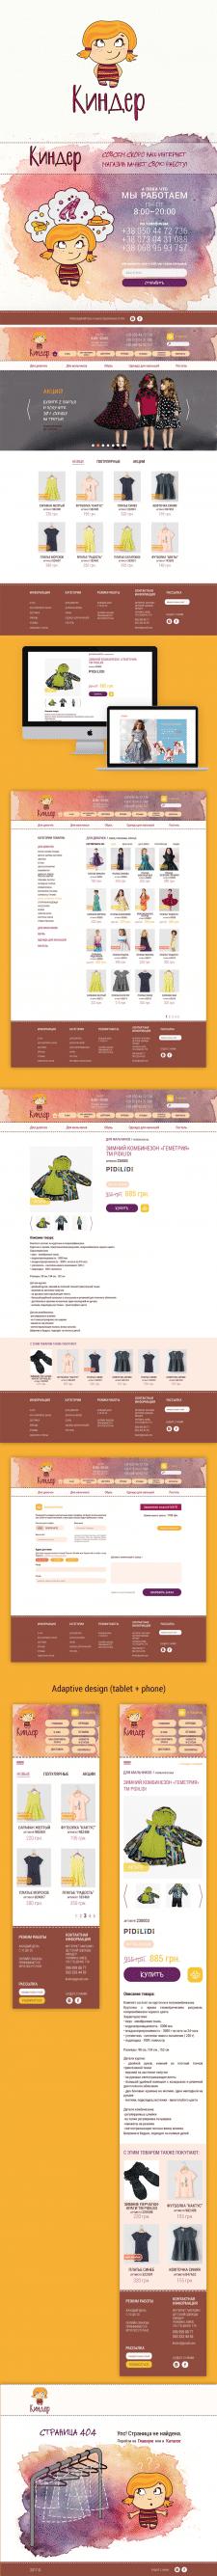 Сайт, интернет-магазин детской одежды Киндер